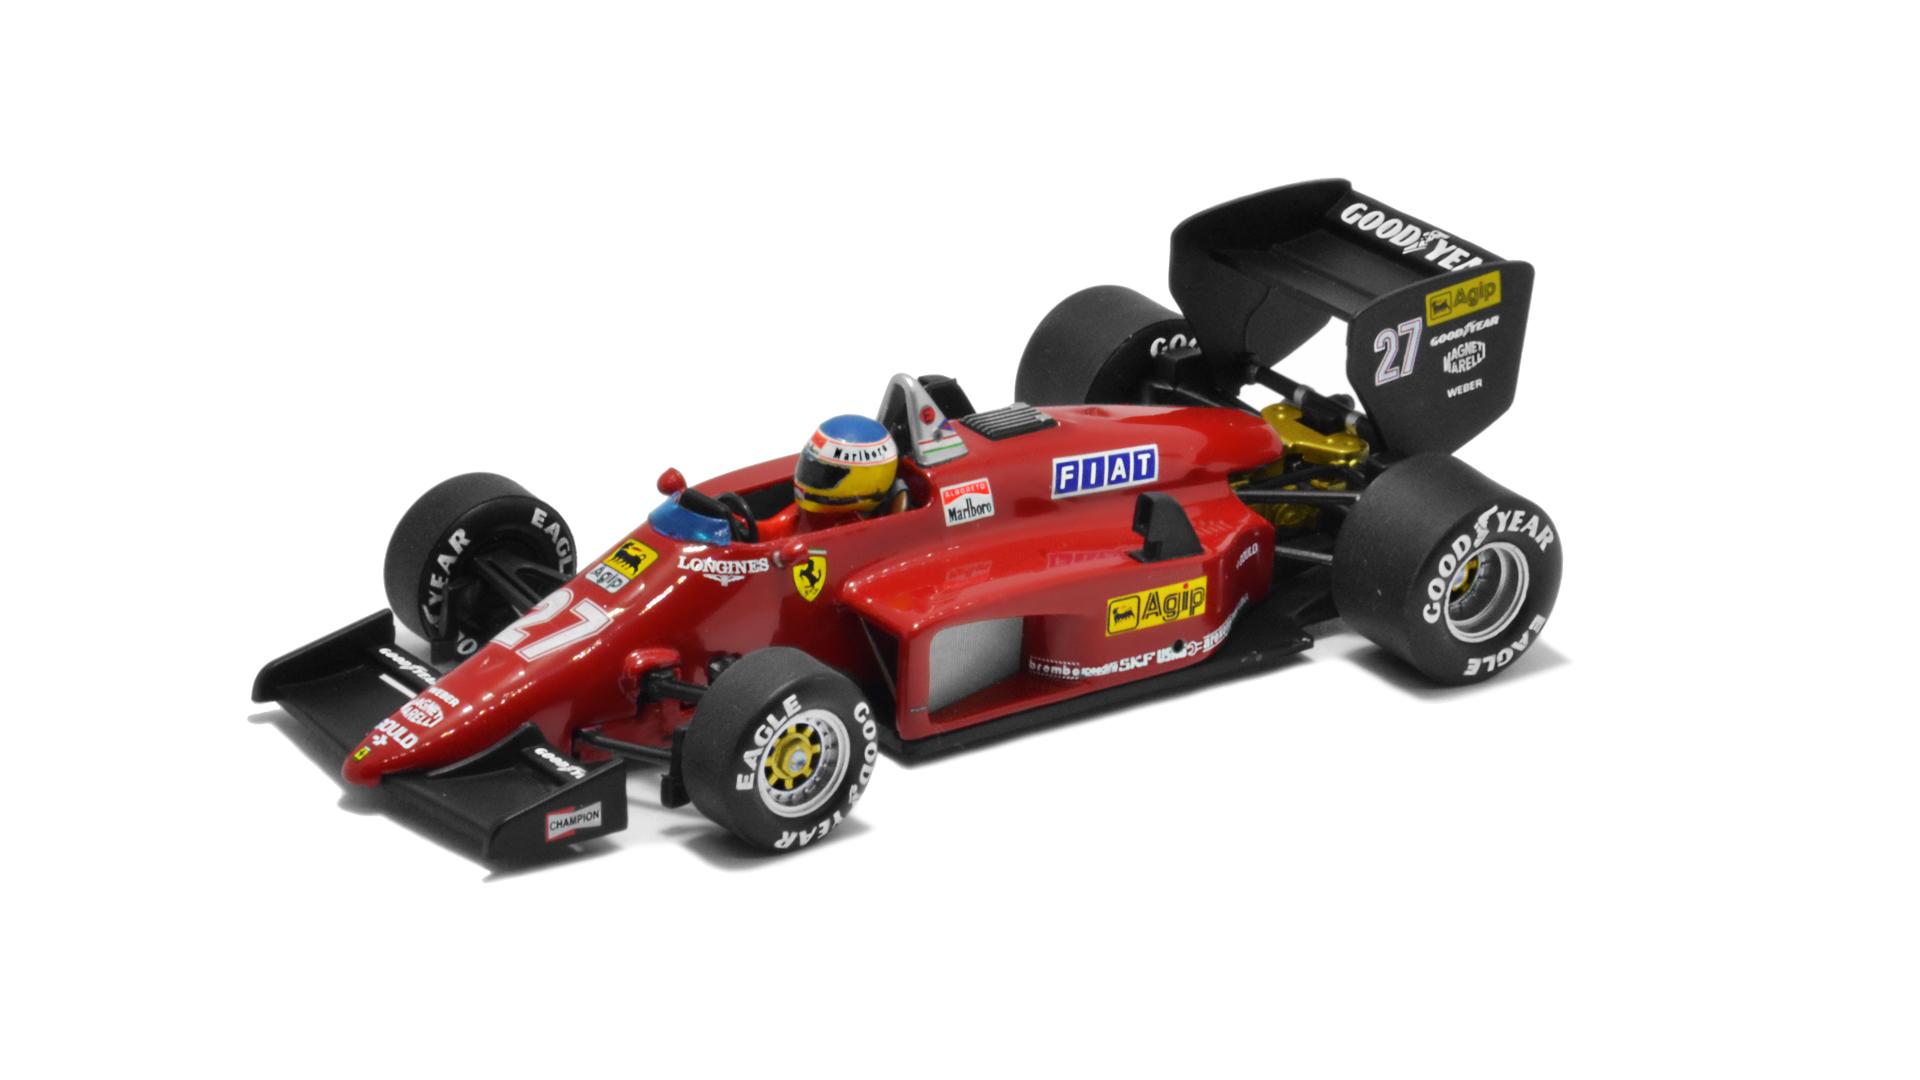 Év: 1985<br />Modell: 156/85<br />Gyártó: Hot Wheels Elite (átalakított)<br />Pilóta: Michele Alboreto